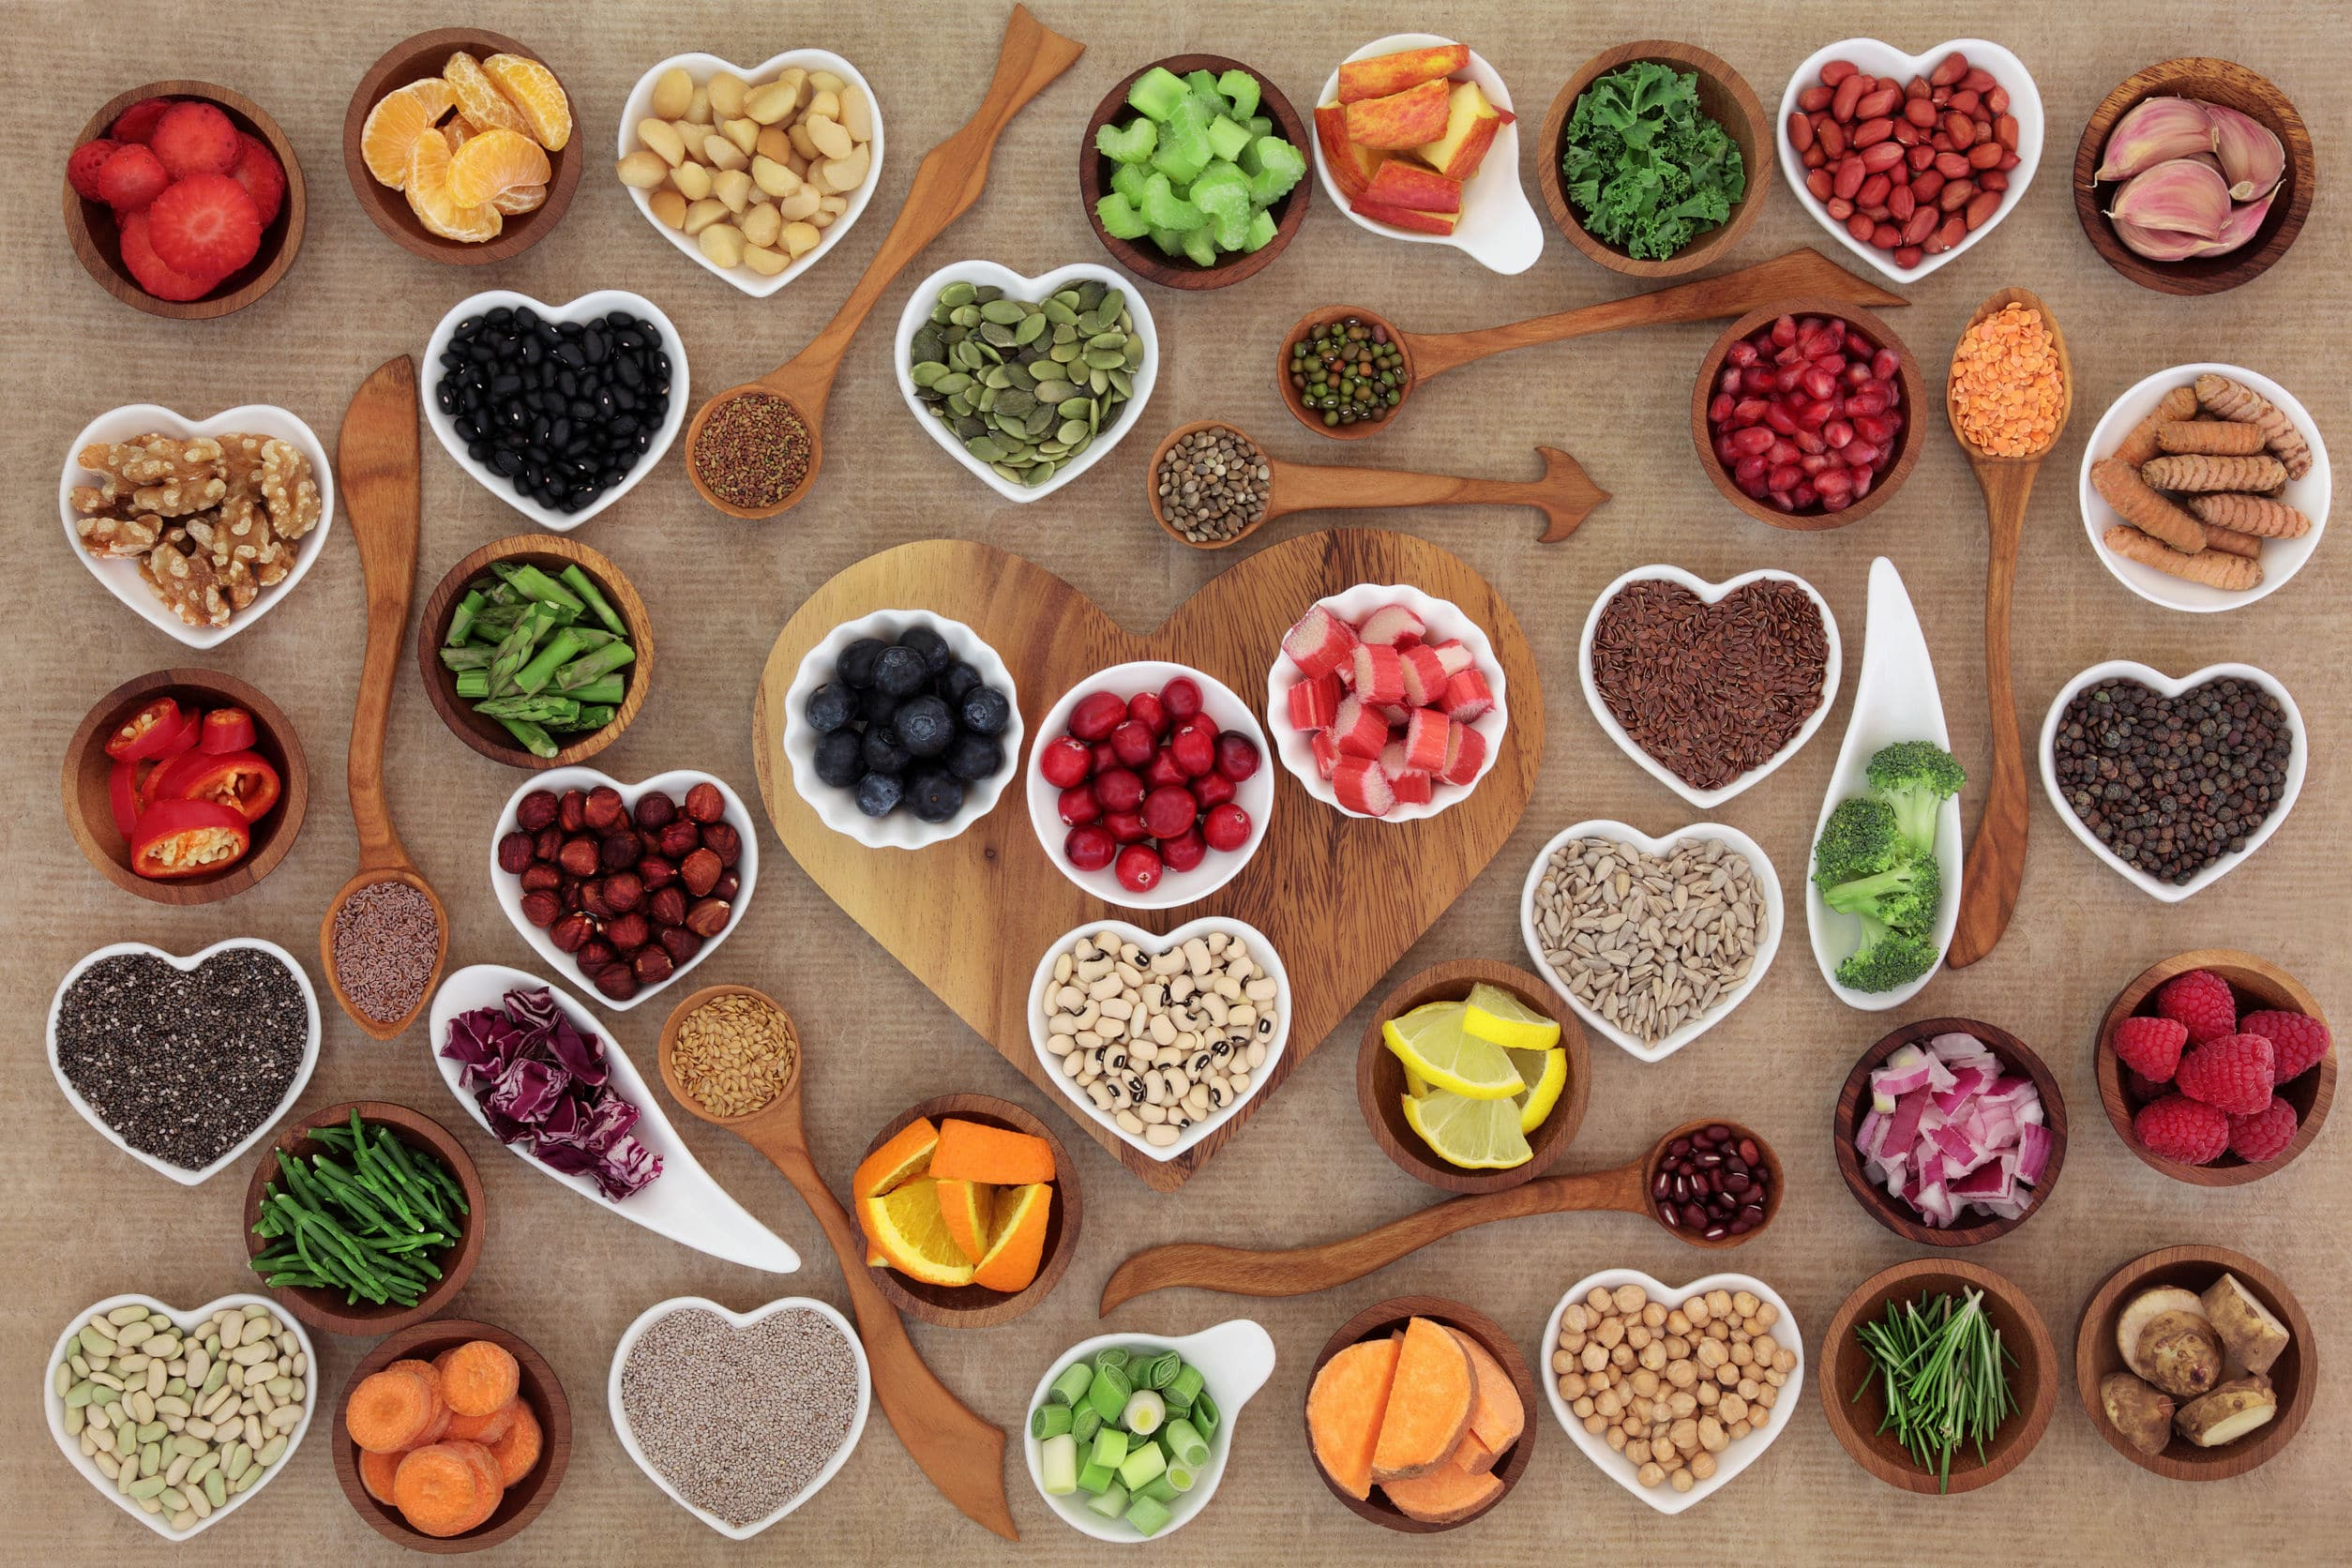 Seleção de comida super saudável em tigelas e colheres de porcelana de madeira e porcelana. Rico em antioxidantes, vitaminas, minerais e antocianinas.